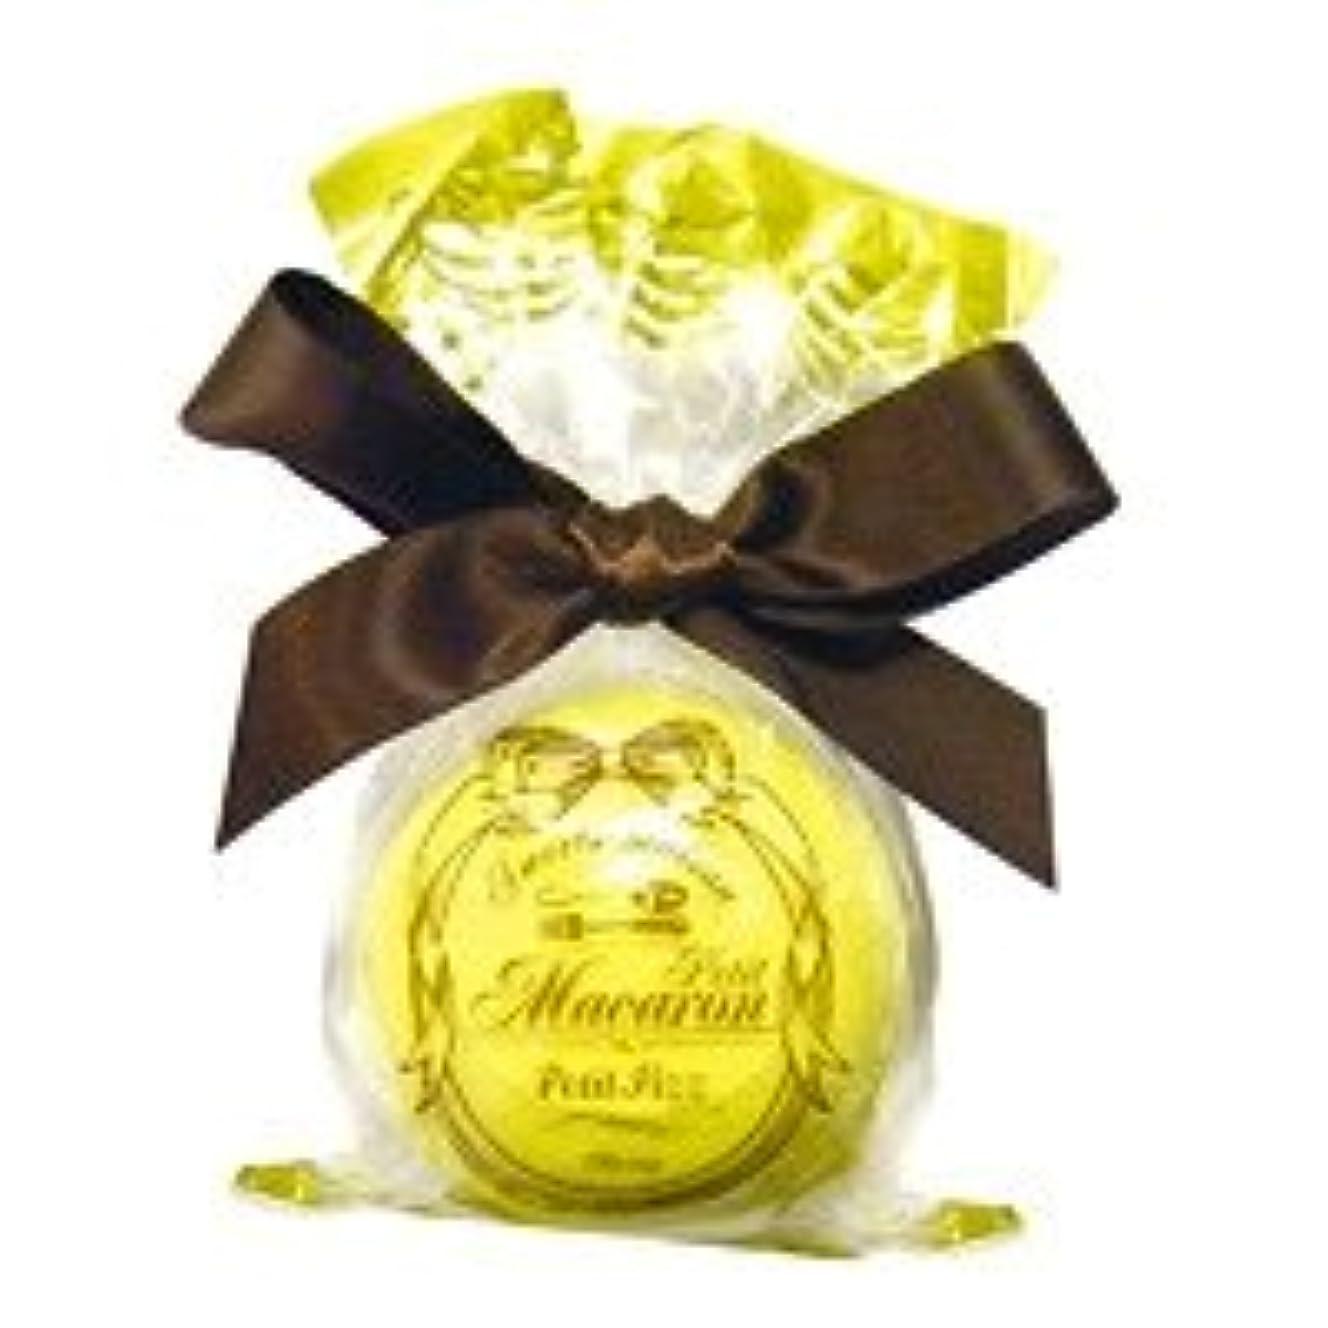 連隊感じる関連付けるスウィーツメゾン プチマカロンフィズ「イエロー」12個セット フレッシュなグレープフルーツの香り